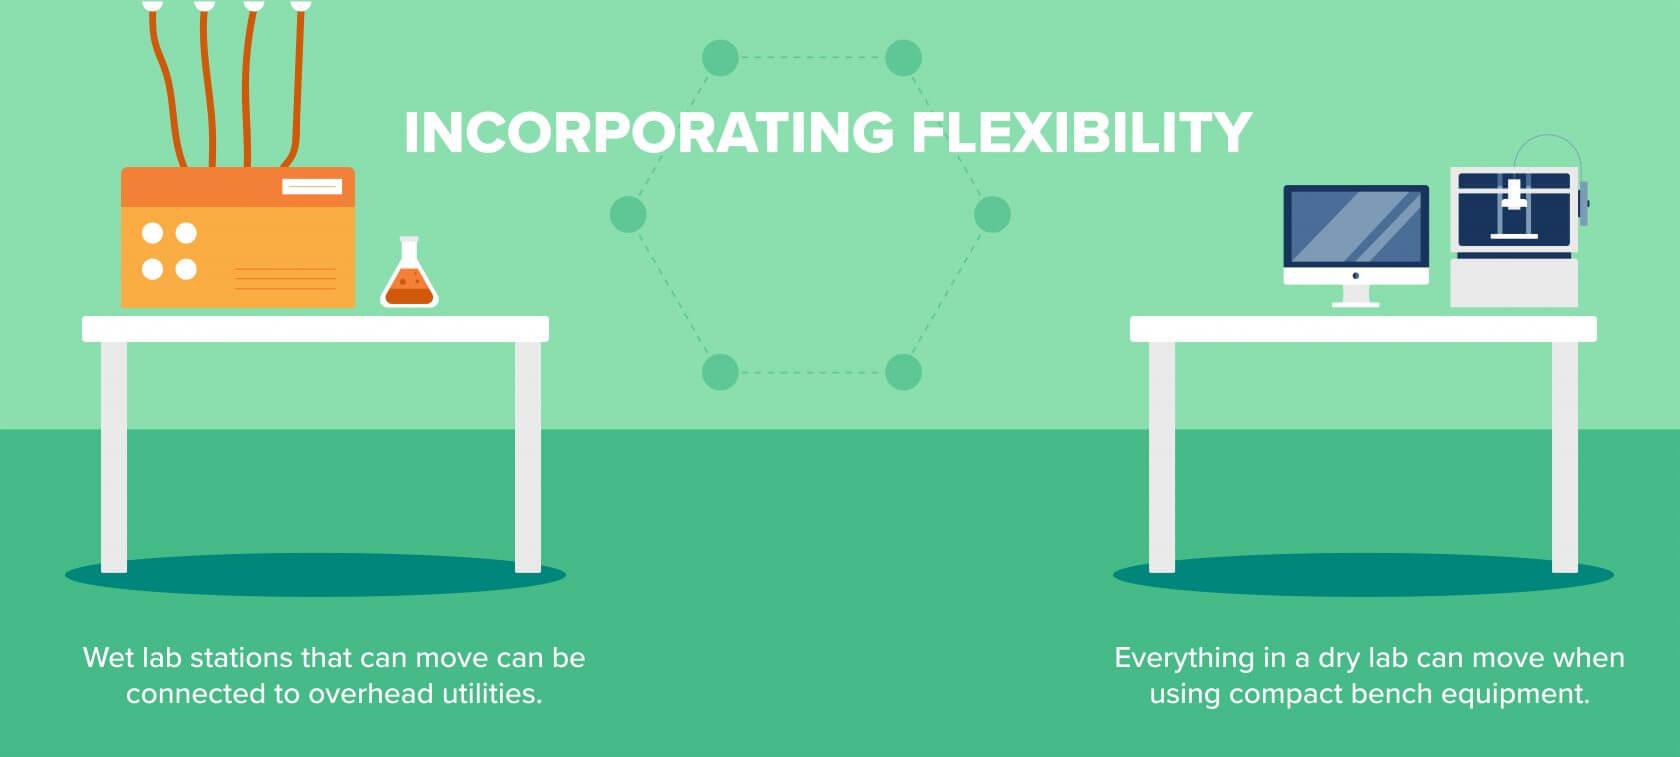 Wet Lab vs Dry Lab Flexibility